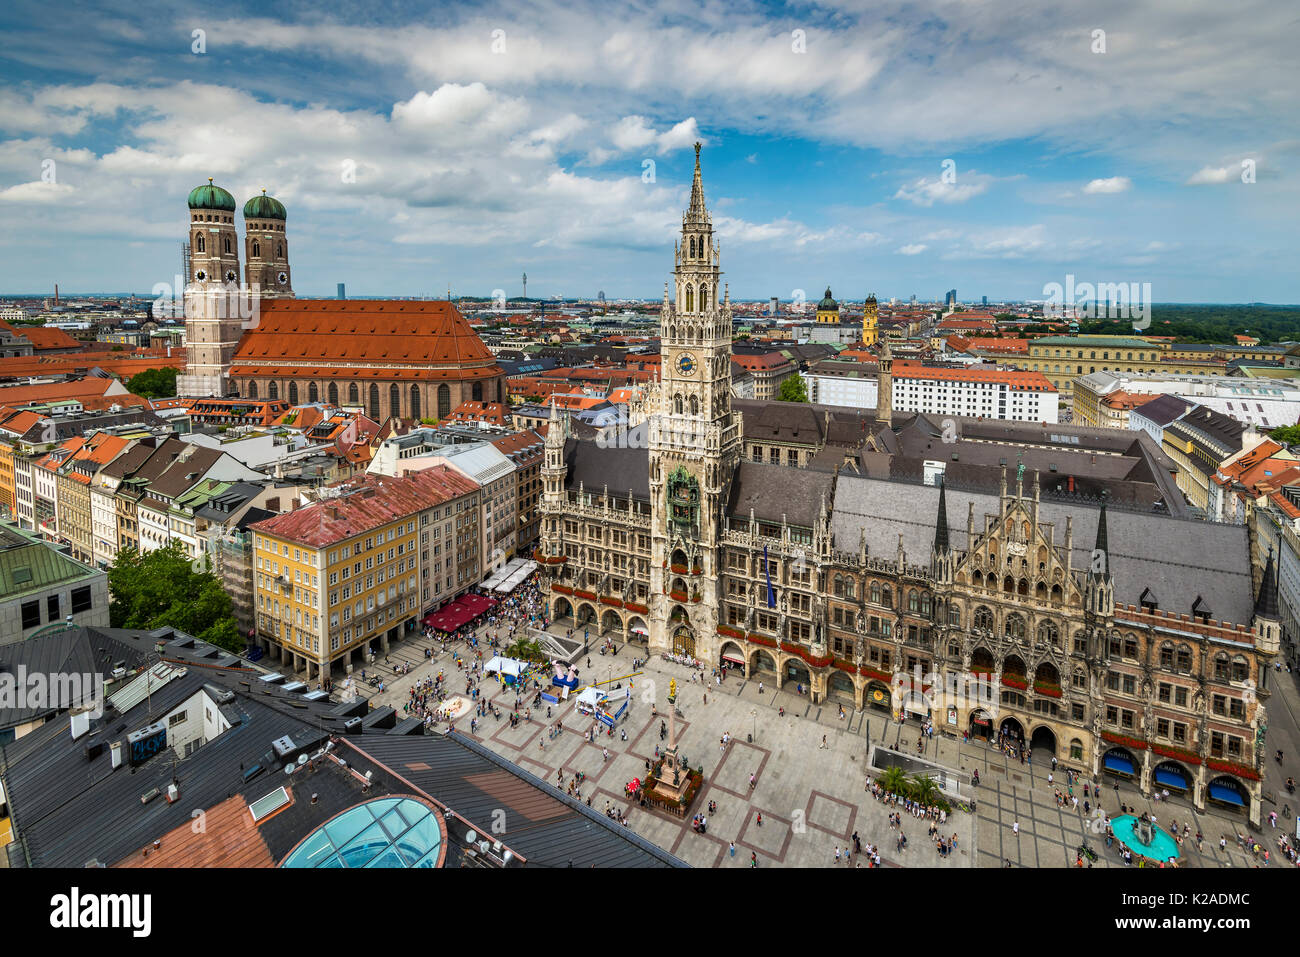 Skyline della città con la cattedrale Frauenkirche e nuovo municipio o Neues Rathaus, Monaco di Baviera, Germania Immagini Stock